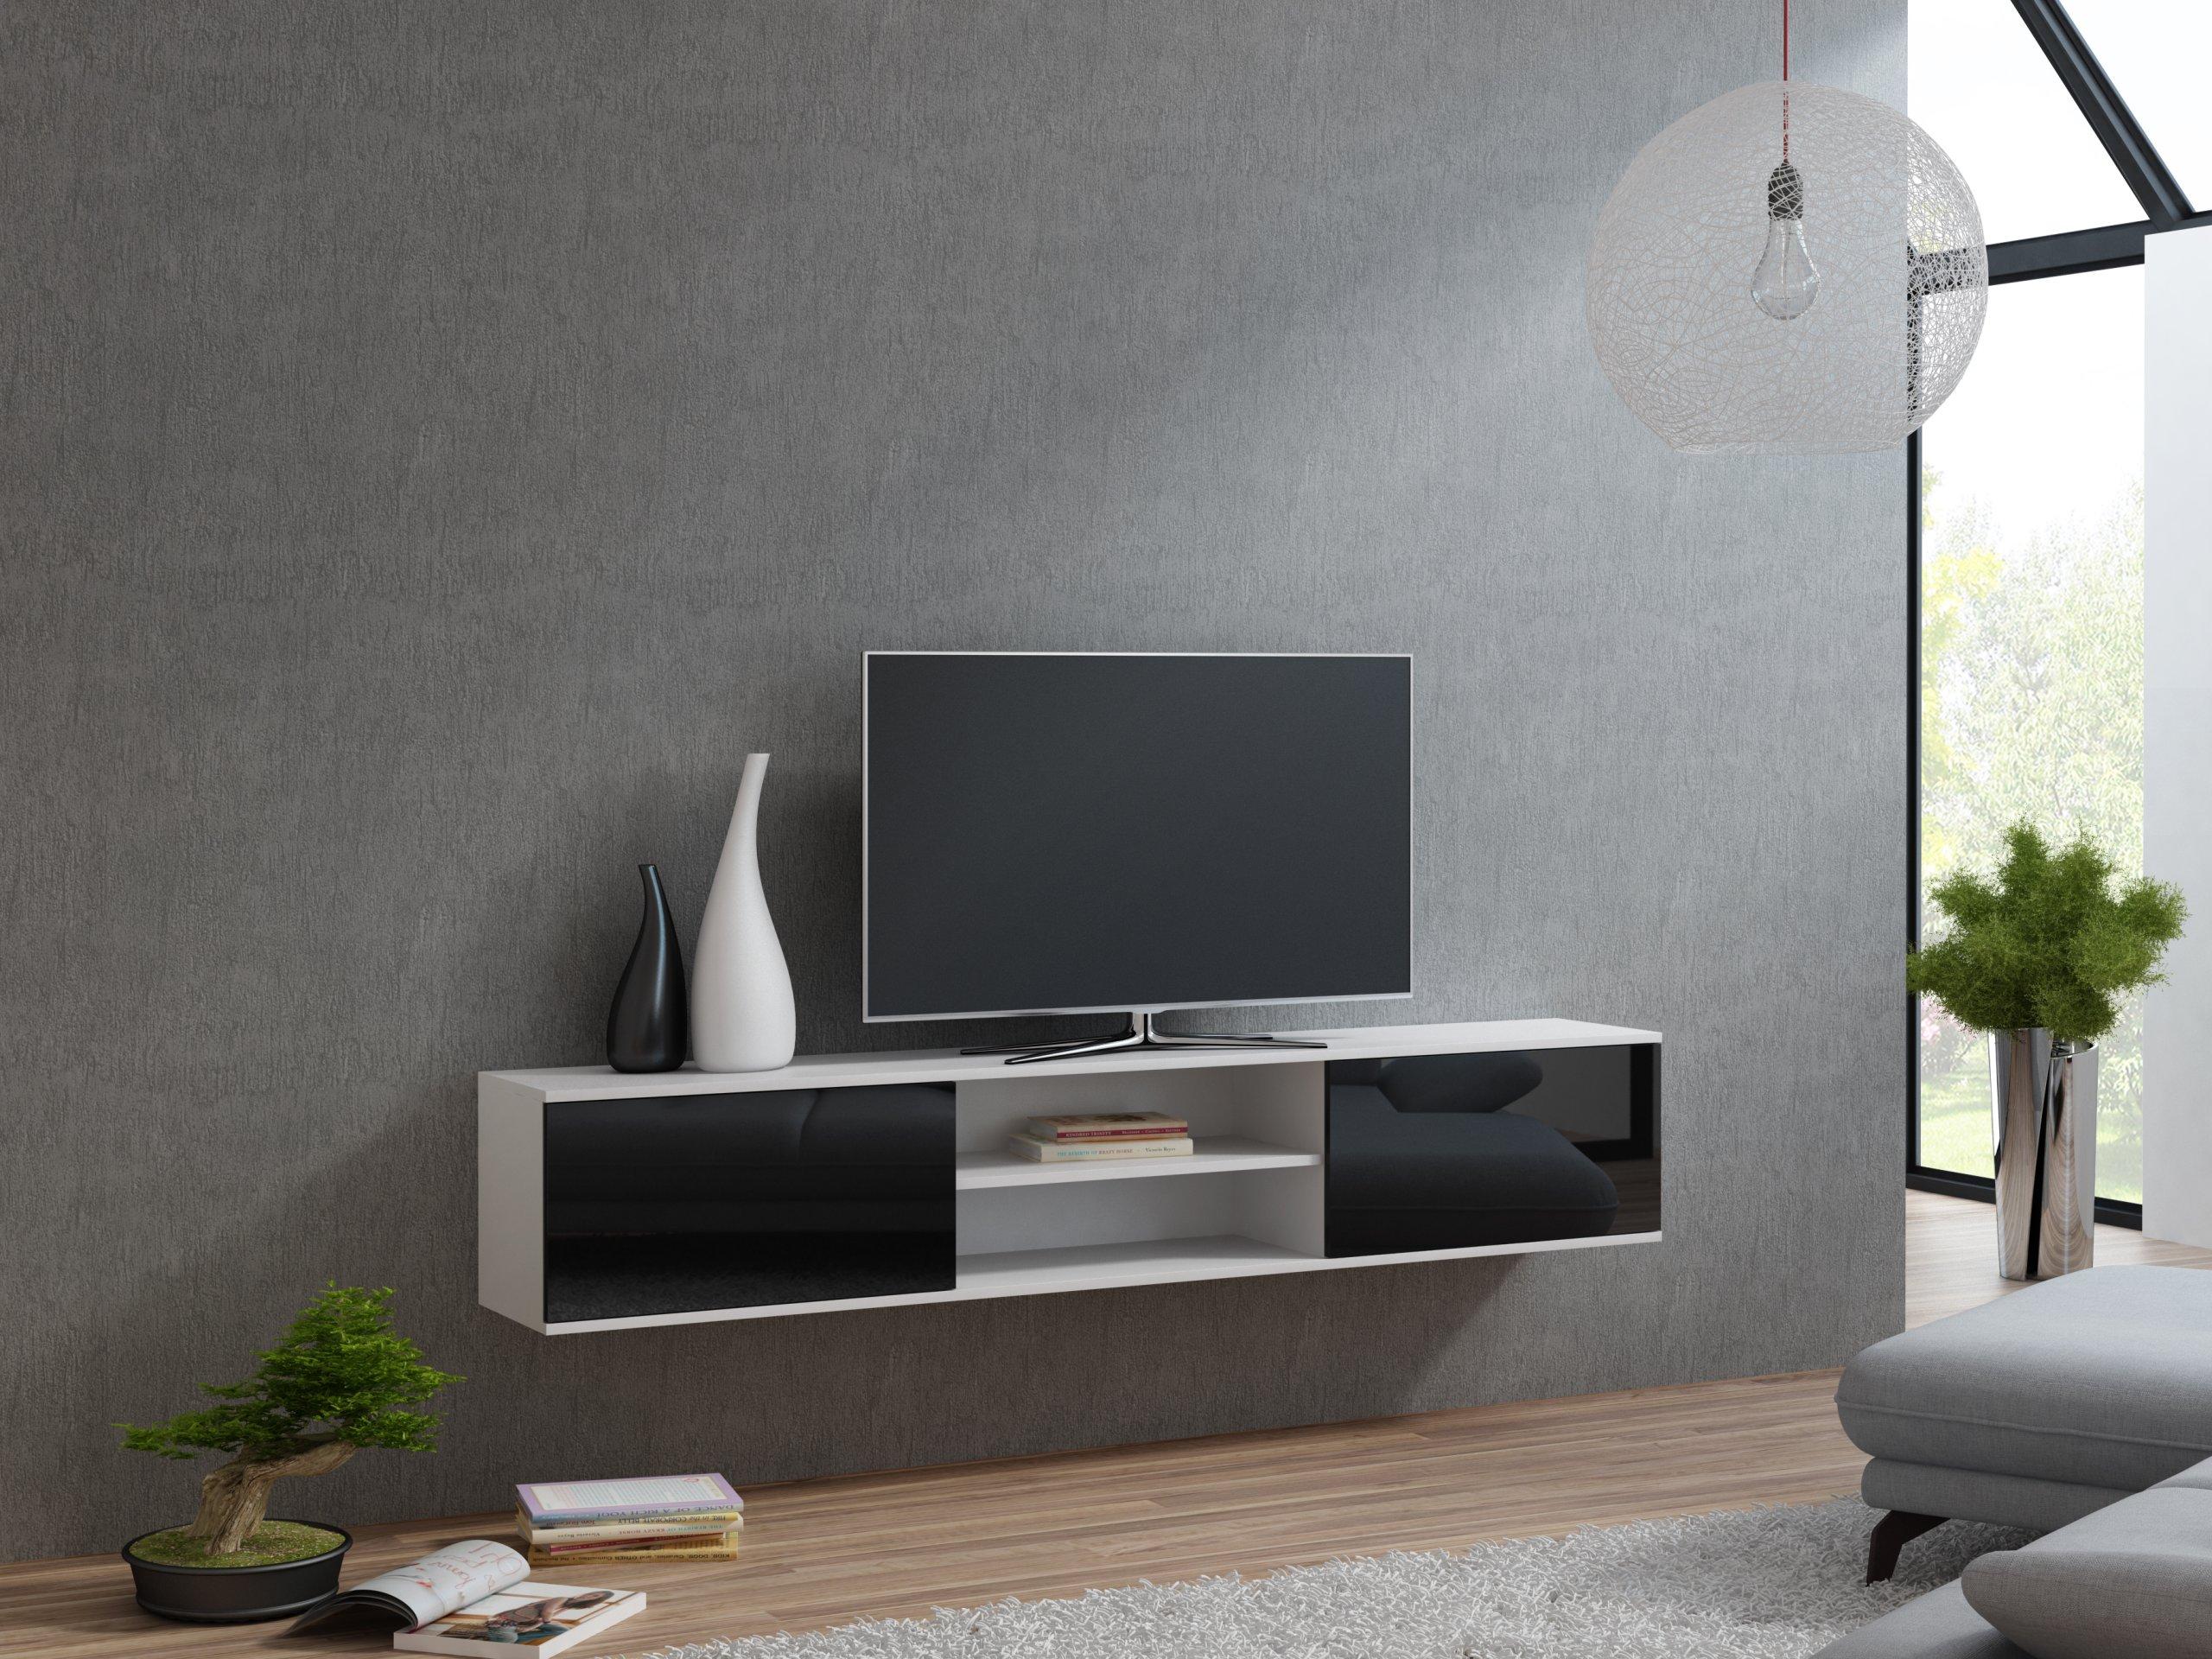 подвесные полки под телевизор фото перемешать сформировать